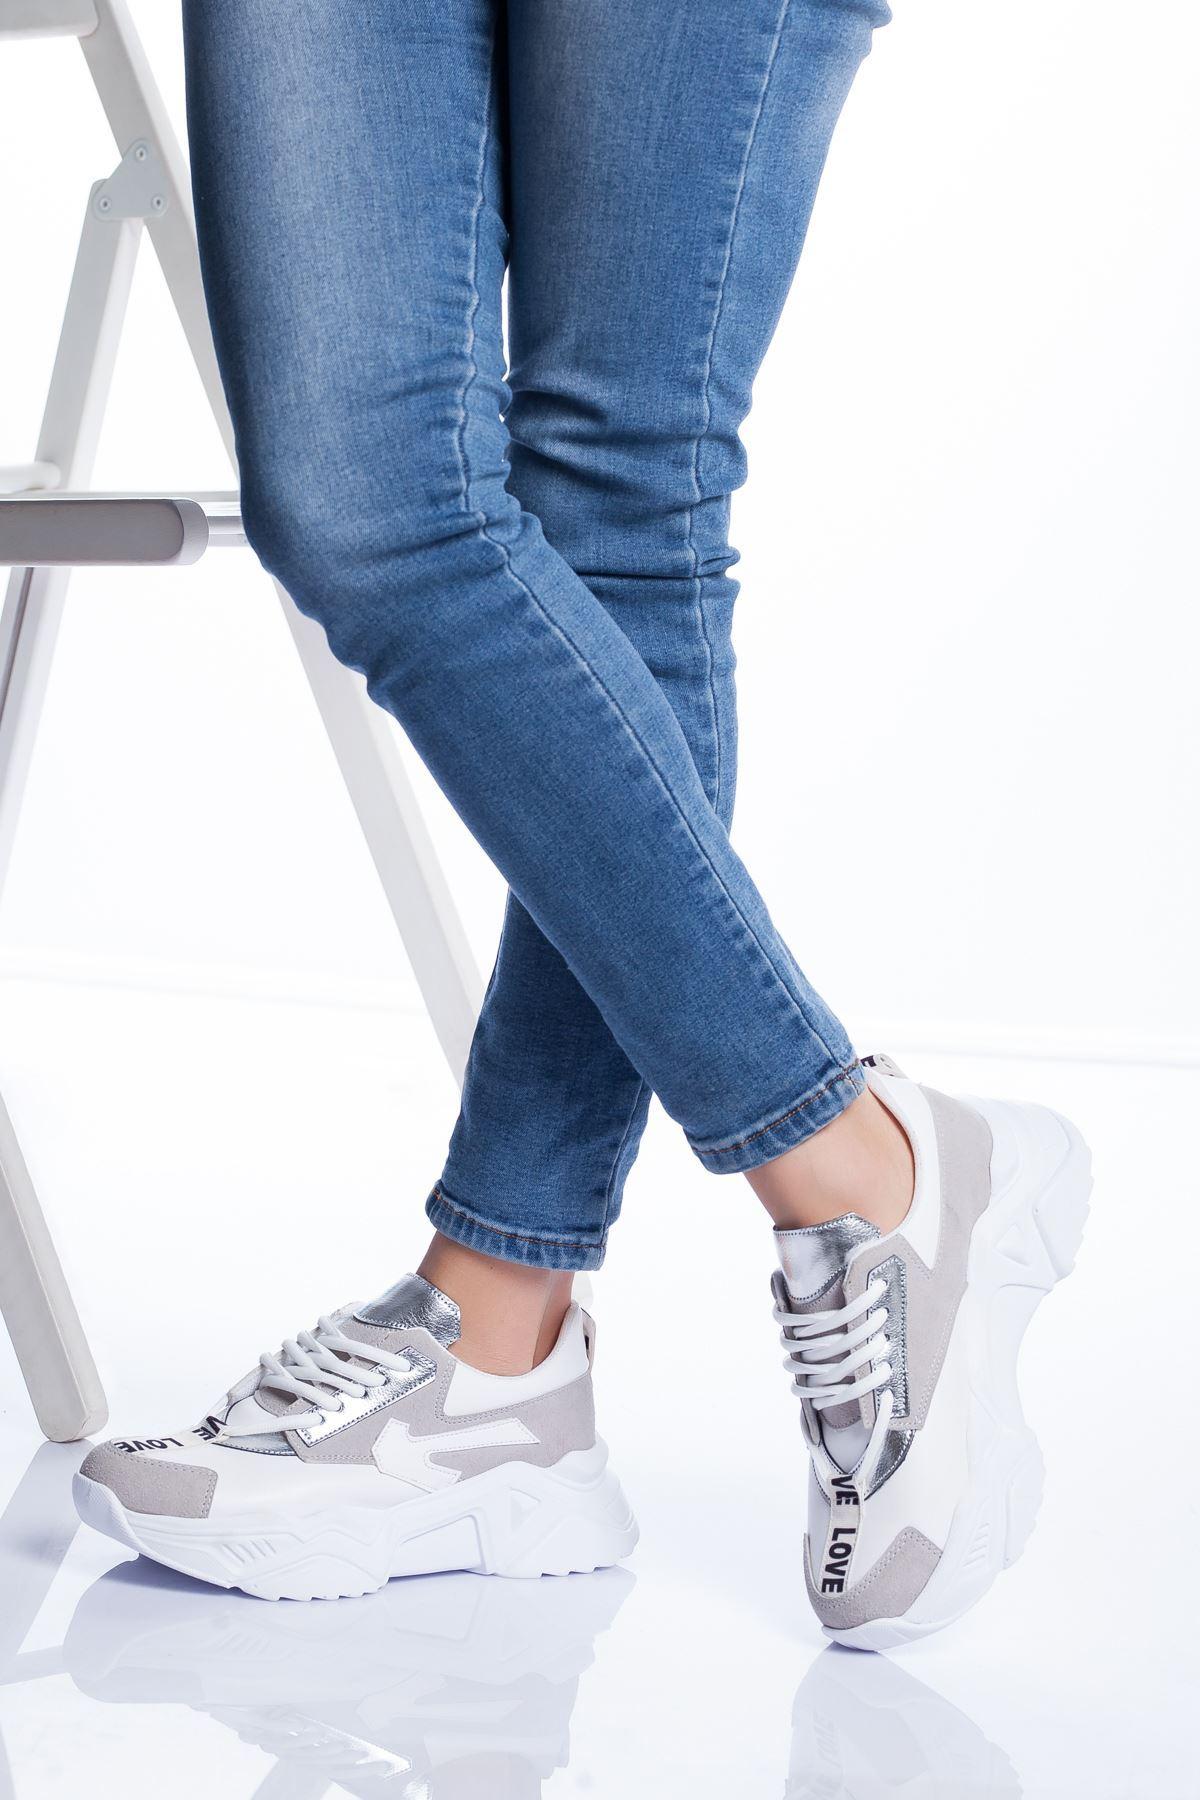 Marvin Spor Ayakkabı BEYAZ